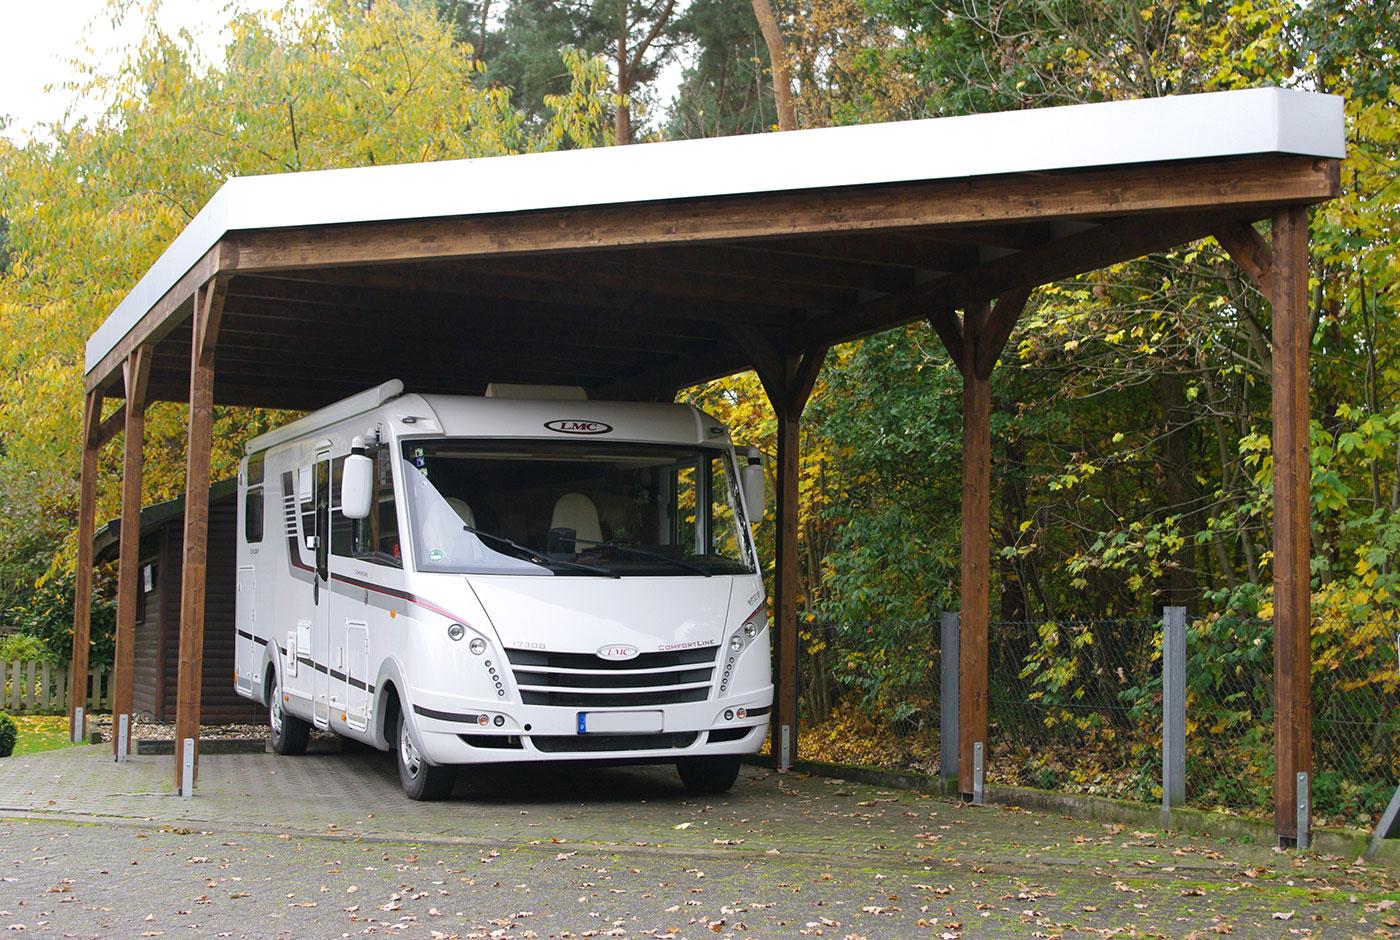 Garage mit carport flachdach  Garage oder Carport – Die Vor-und Nachteile für Sie zusammengefasst